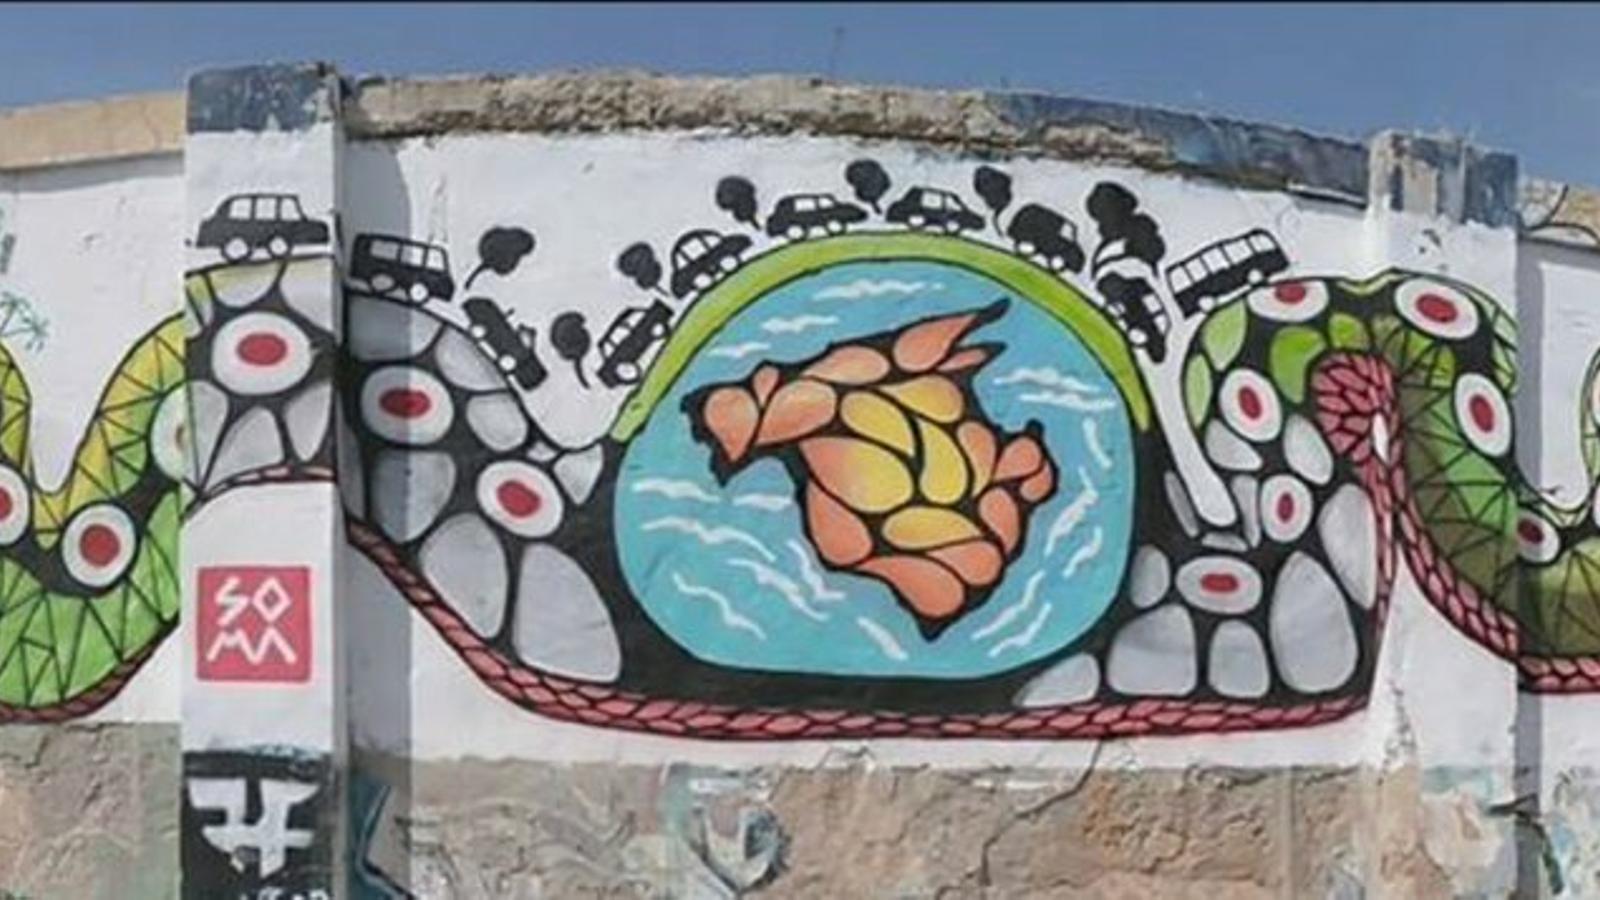 Mural 'El turisme engolint Mallorca'